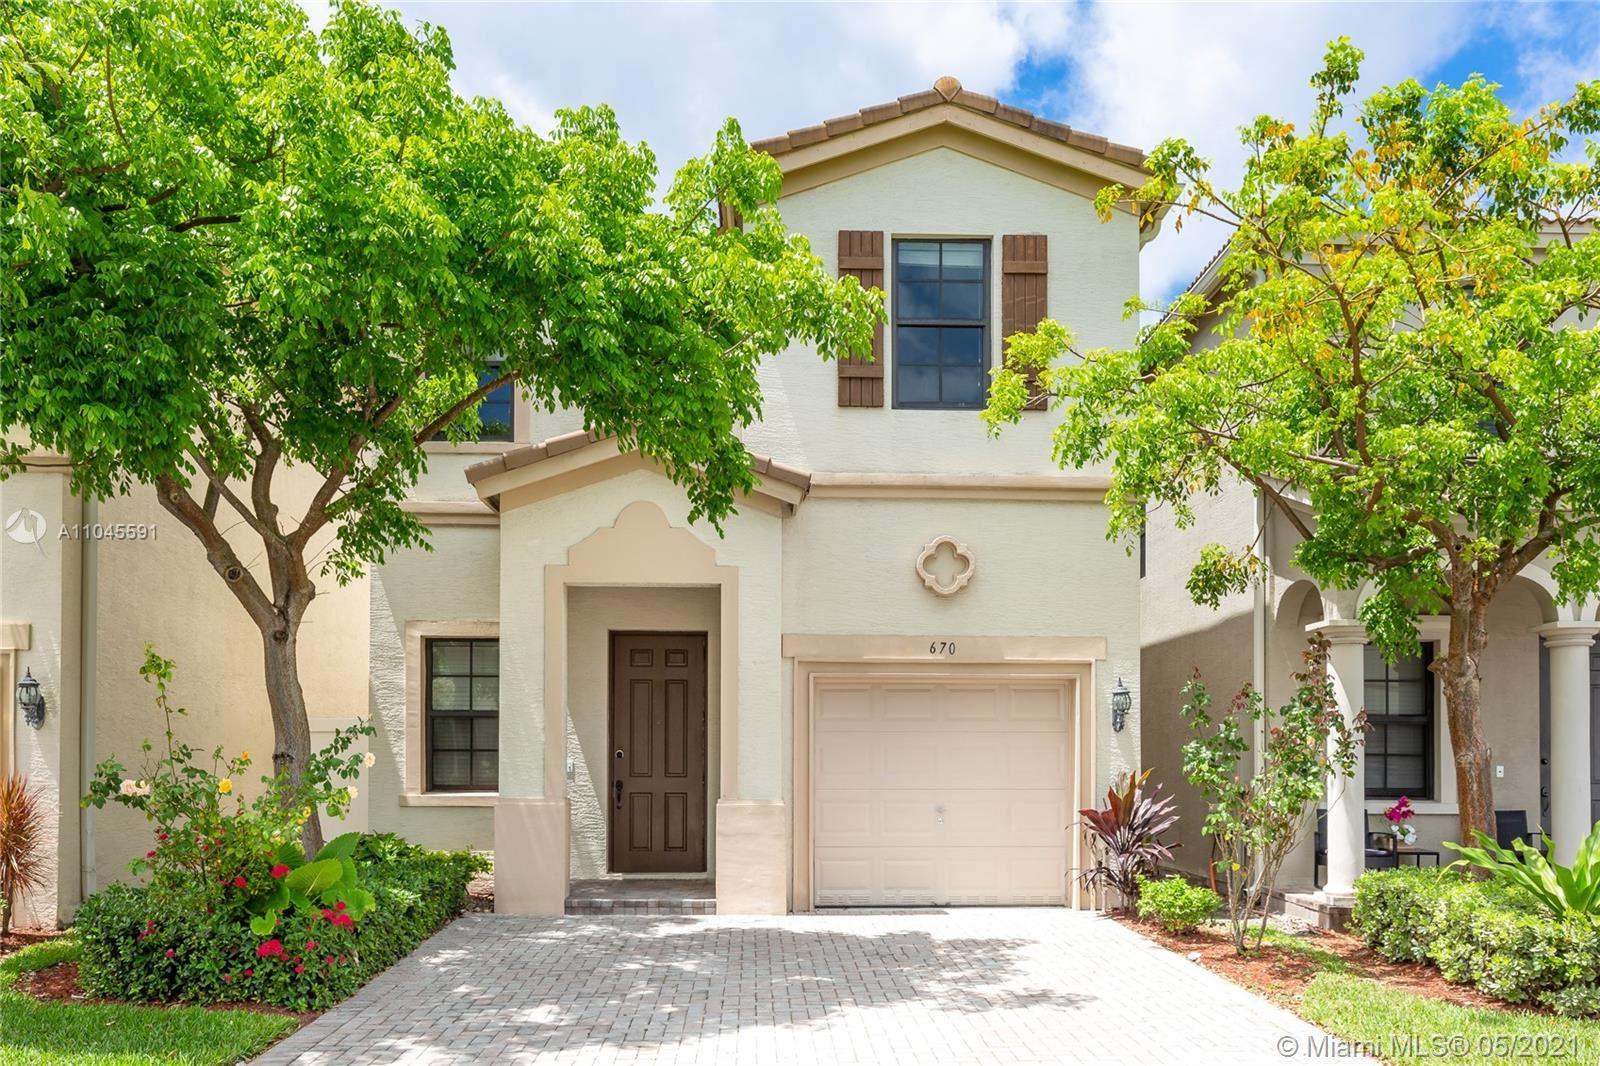 670 NE 193rd Ter, Miami, FL 33179 - #: A11045591